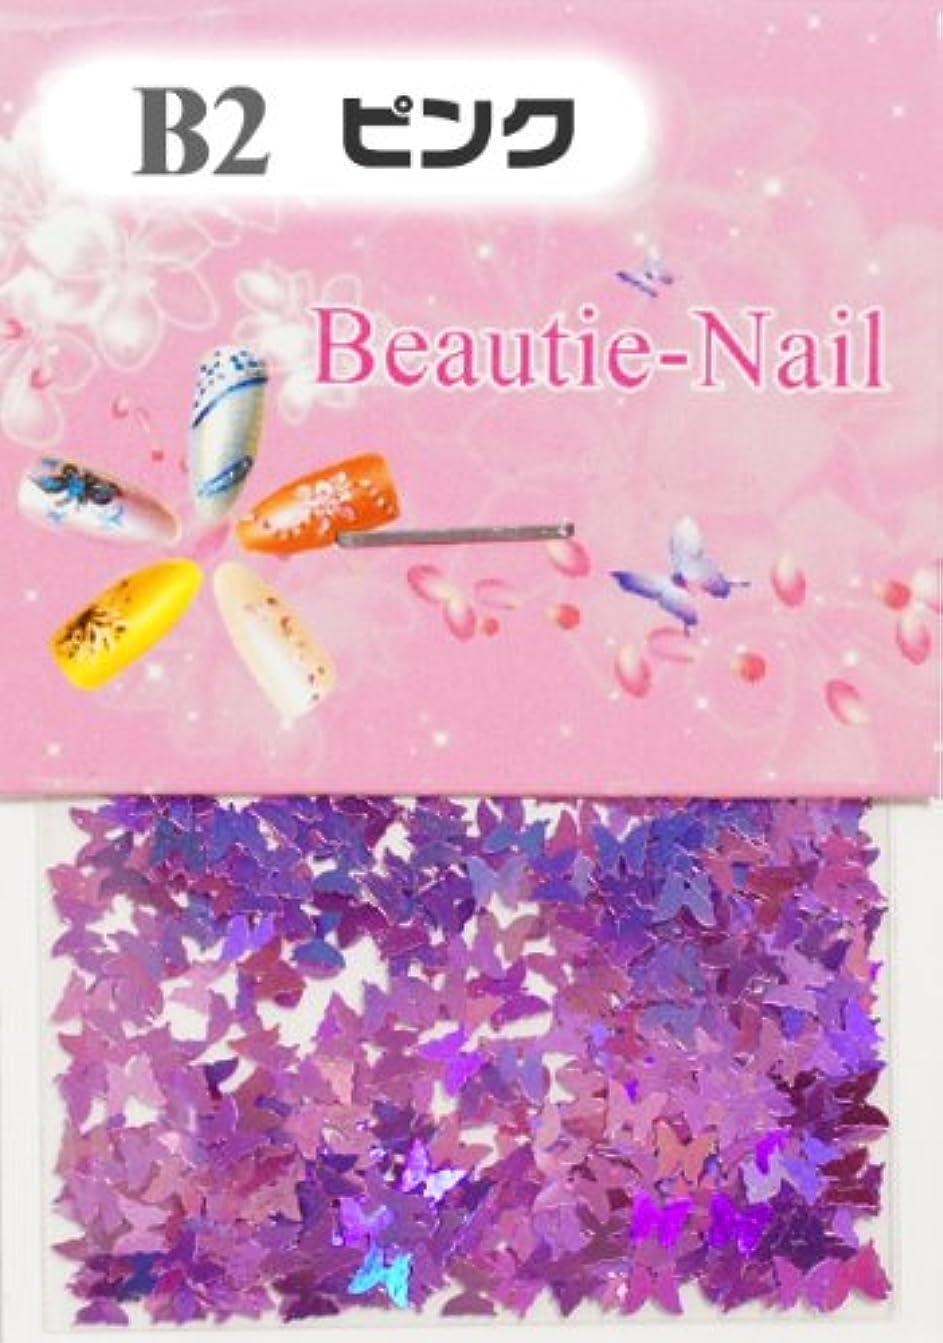 腐食する買う平らな薄型バタフライのホログラム オーロラカラー蝶 ジェルネイルパーツ レジンパーツ B2 ピンク